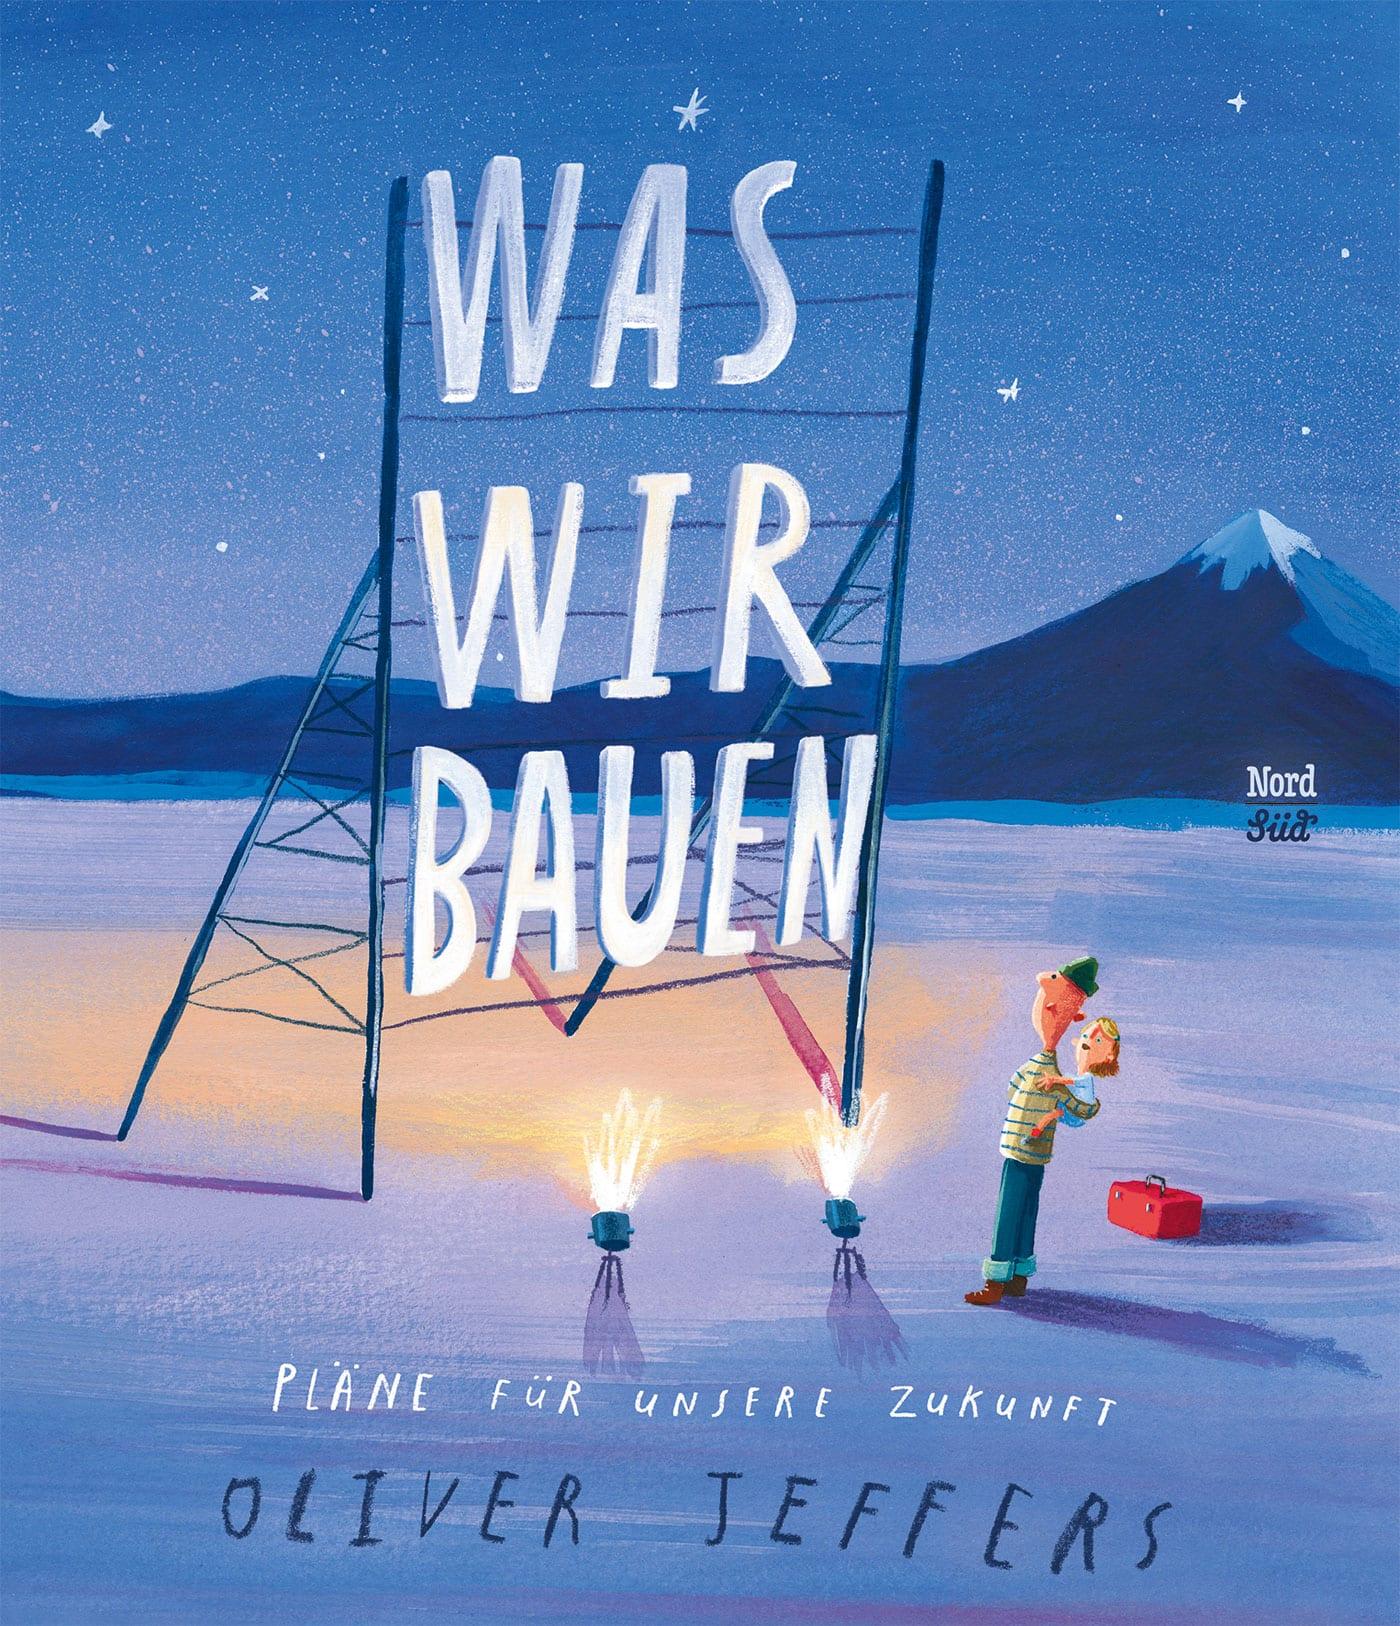 Kinderperspektiven – Kinderbuch-Tipp: Was wir bauen von Olifer Jeffers// HIMBEER